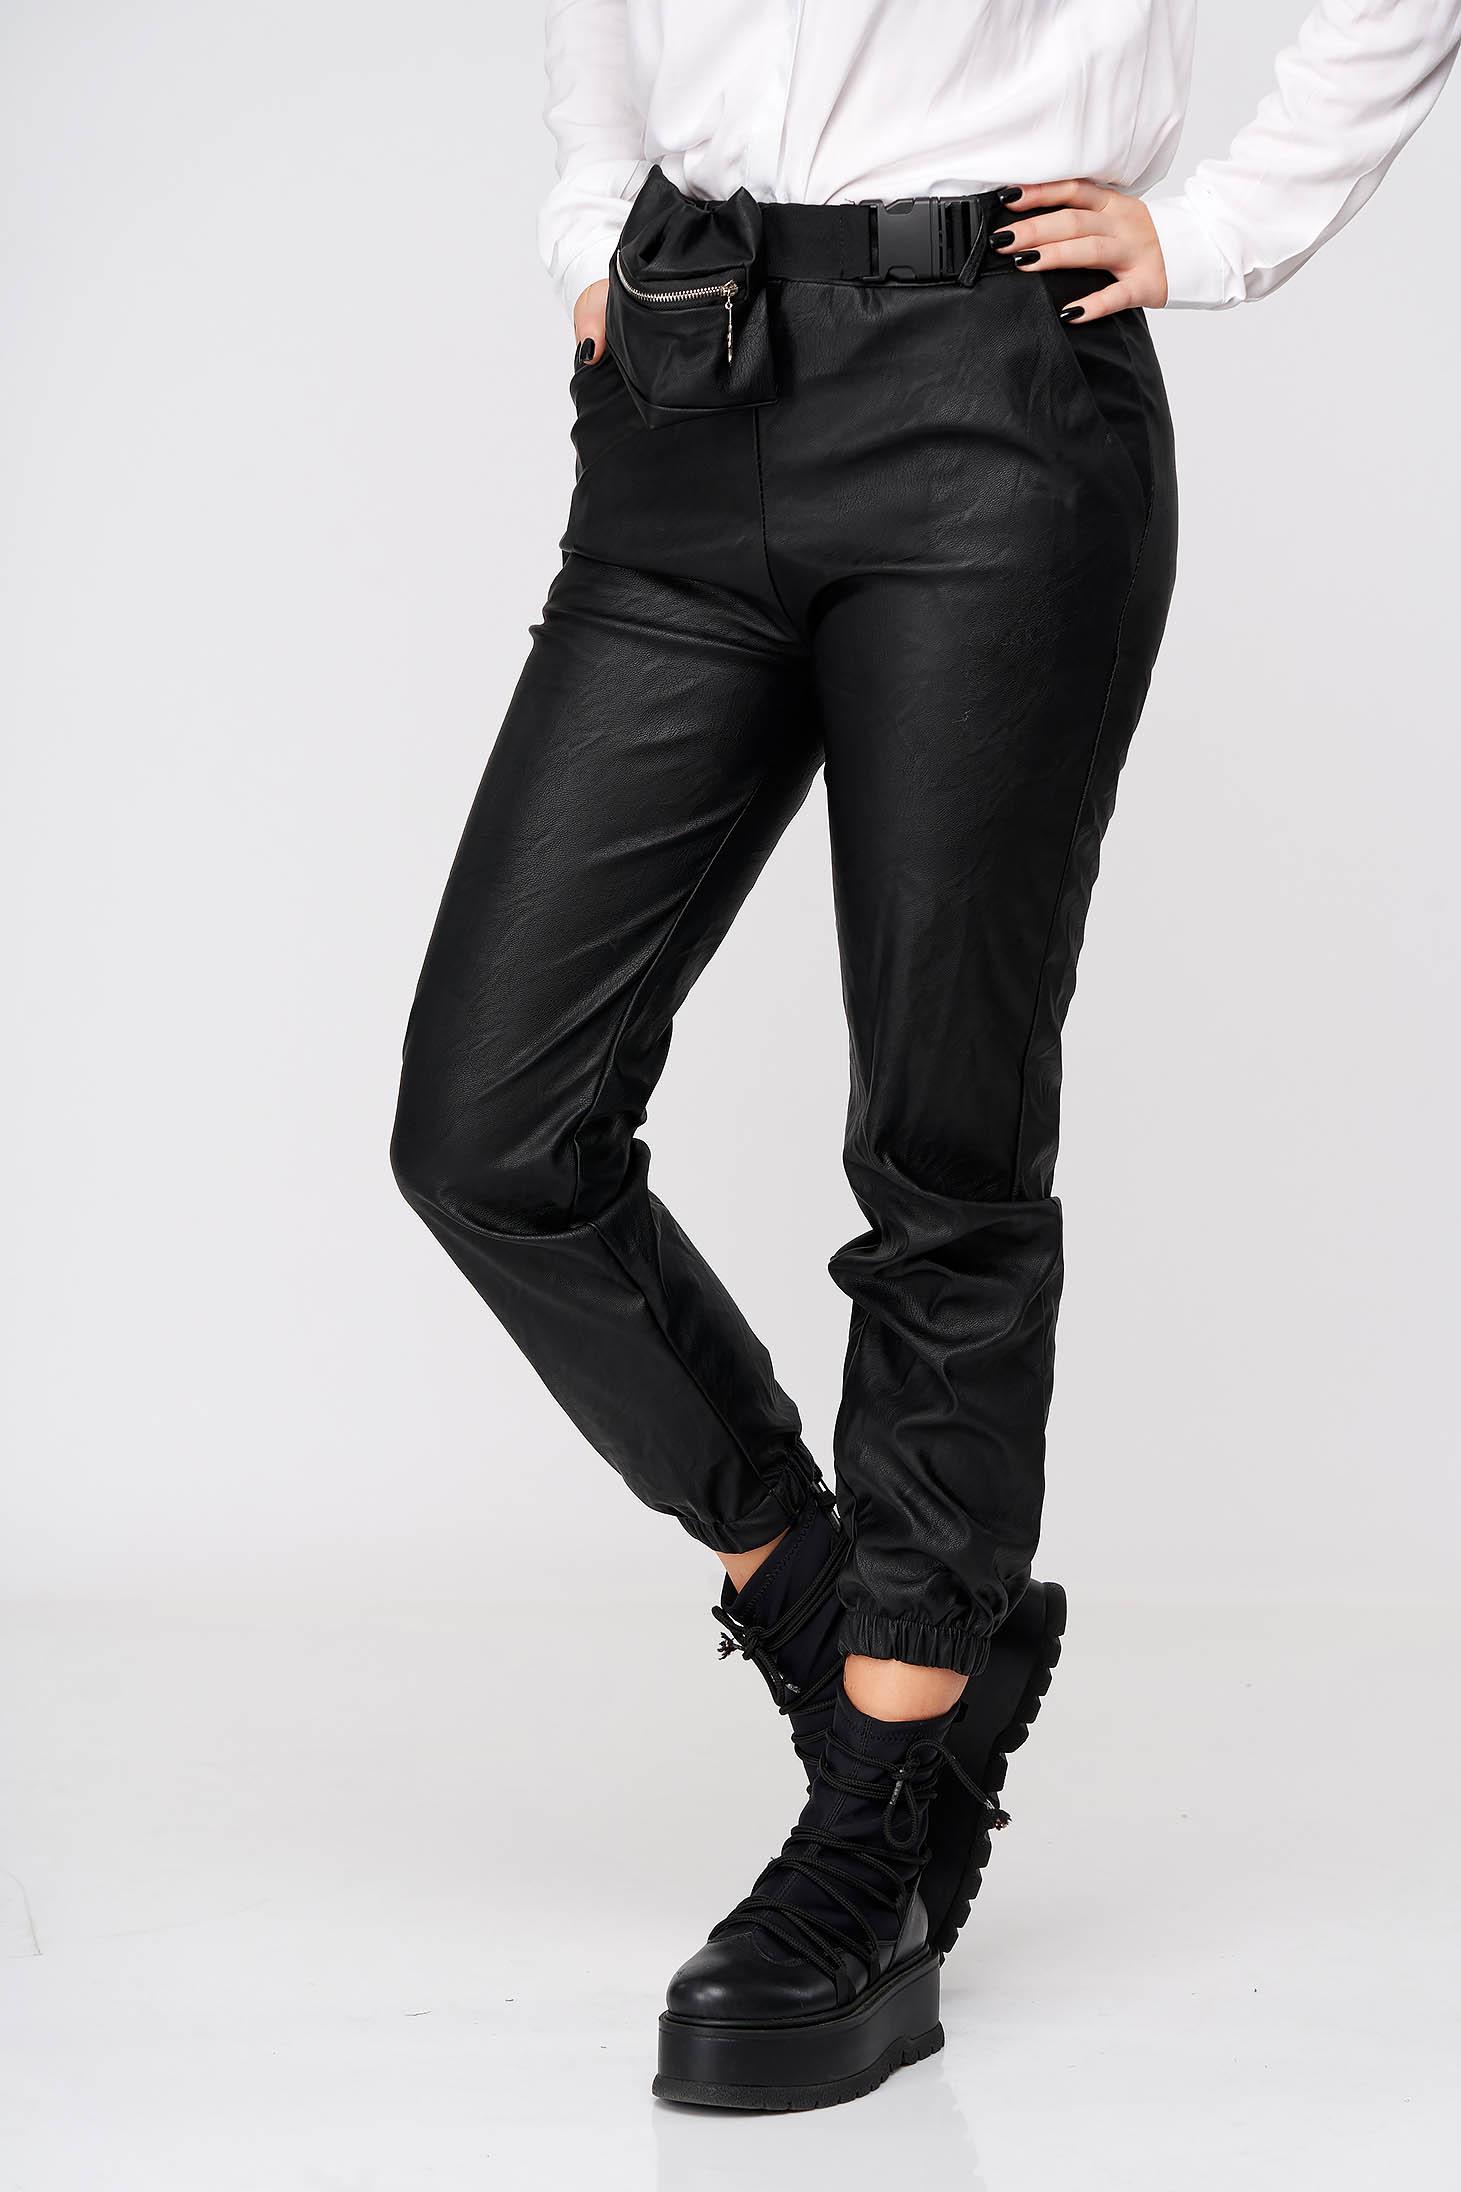 Pantaloni SunShine negri casual din piele ecologica cu talie inalta